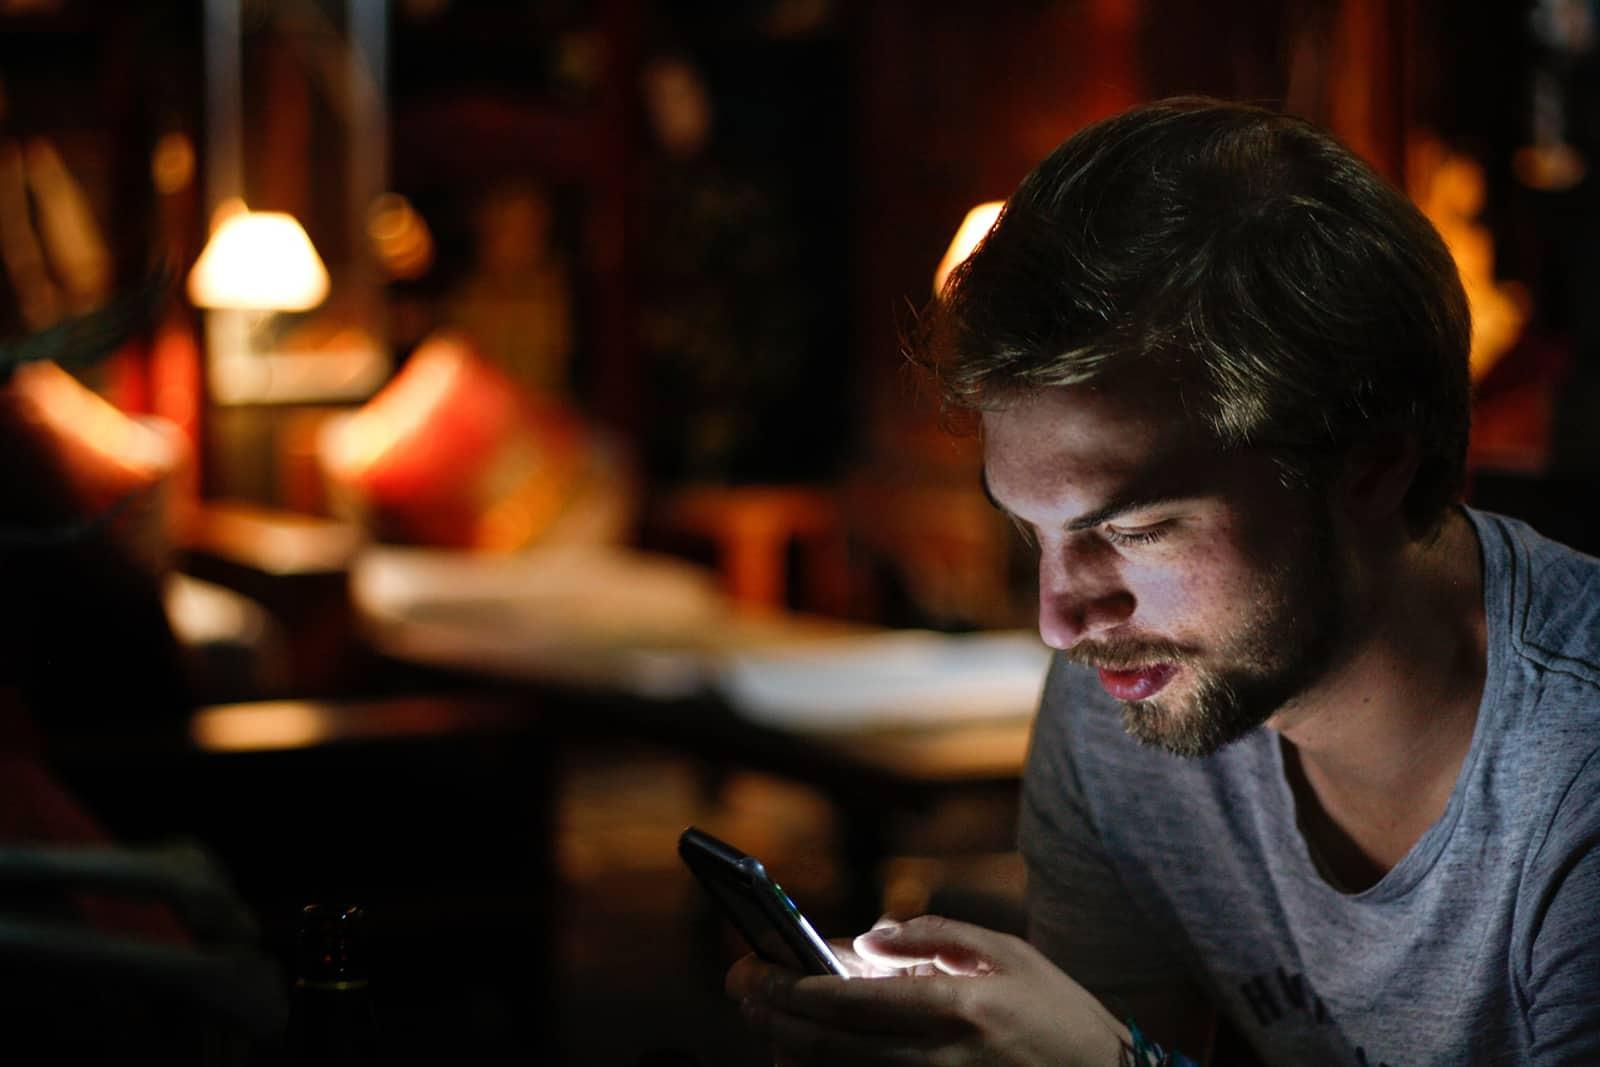 un homme utilisant un smartphone dans le noir à la maison